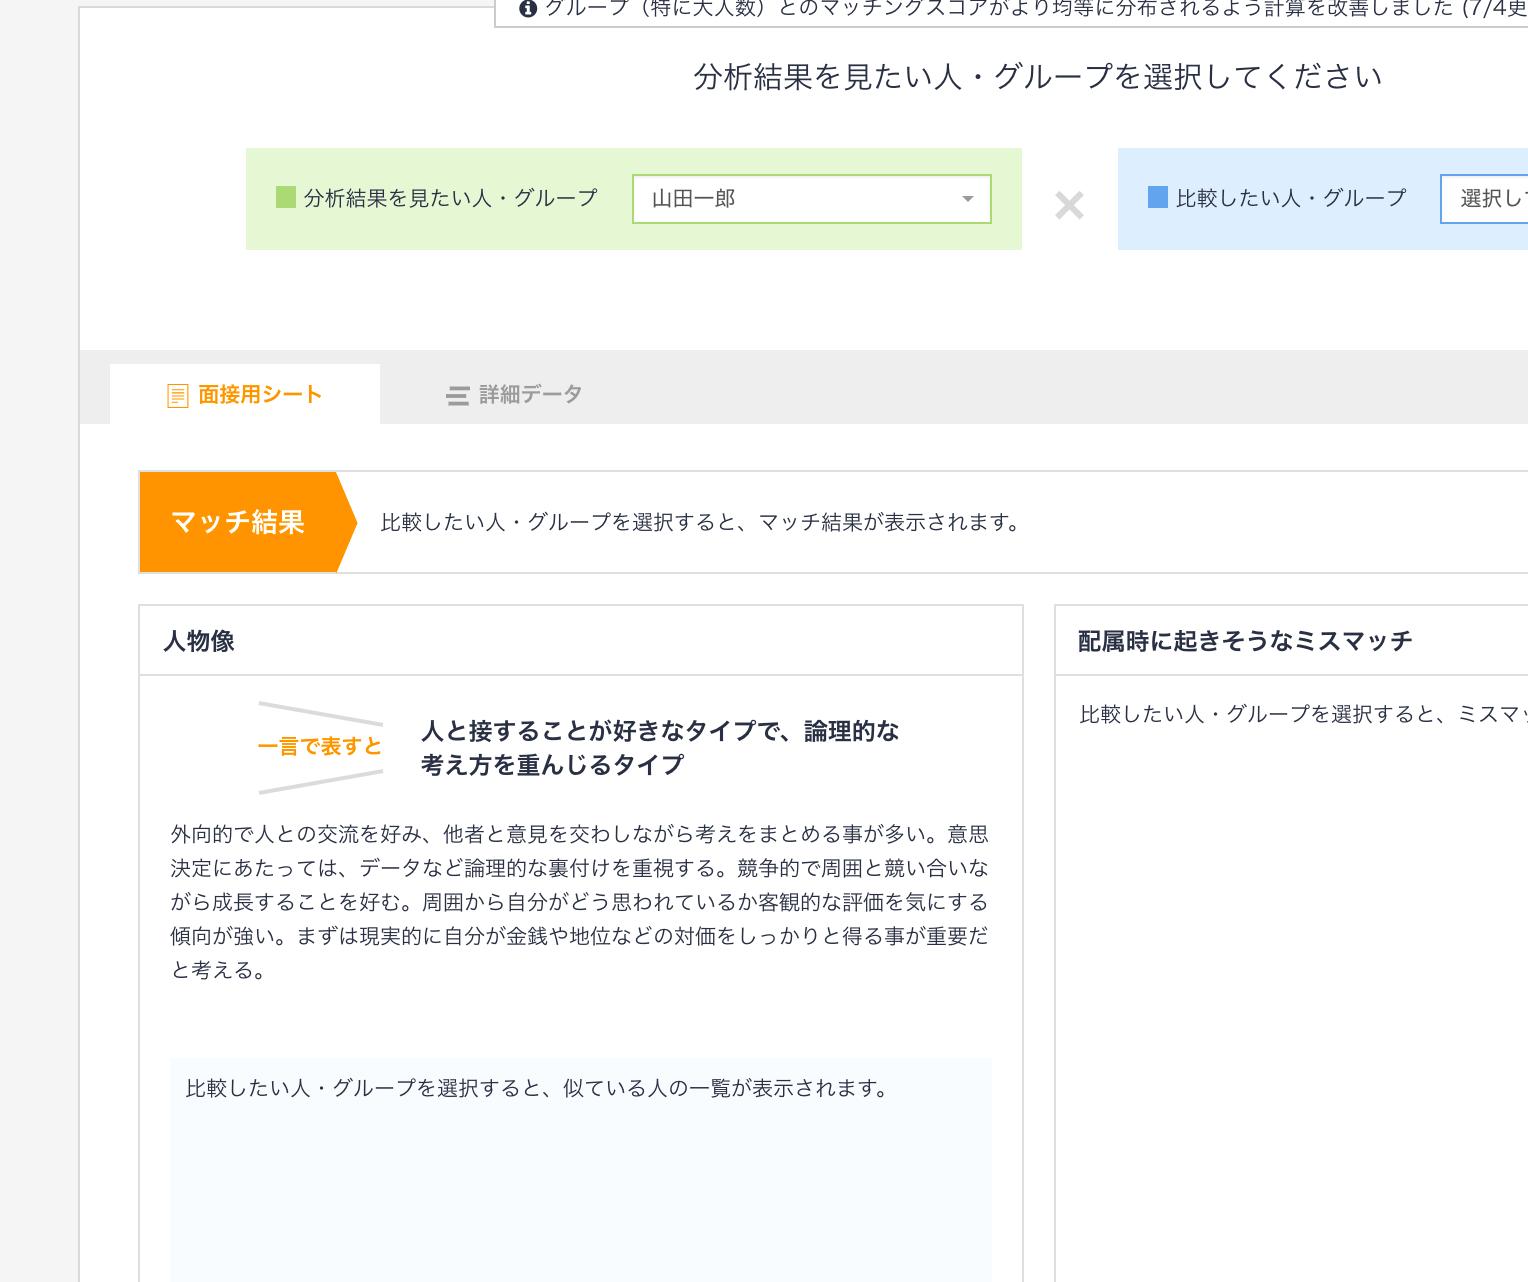 山田一郎さん分析結果